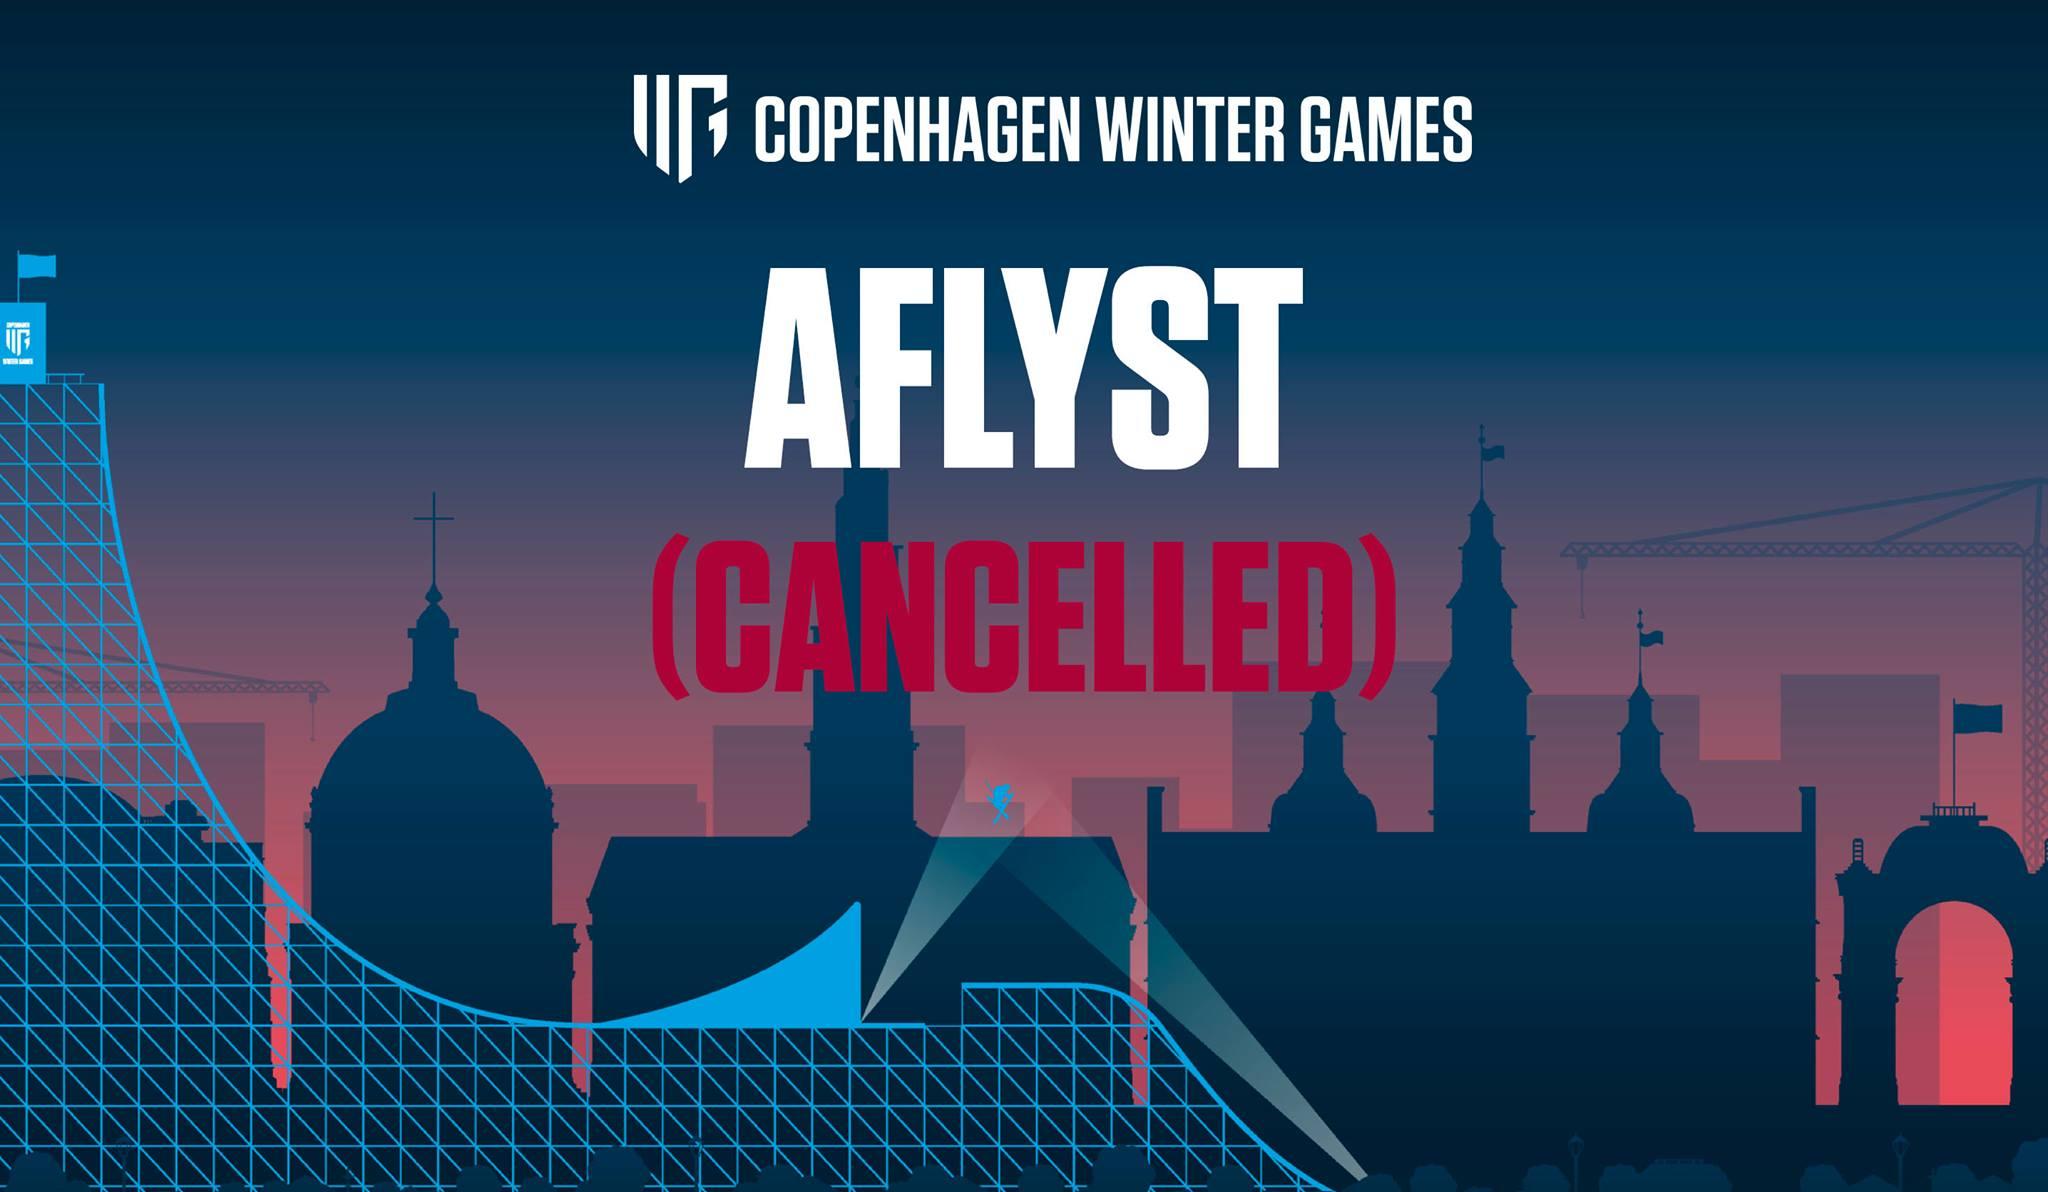 W杯開幕戦 コペンハーゲンウィンターゲムスがチケットの販売不振により中止に